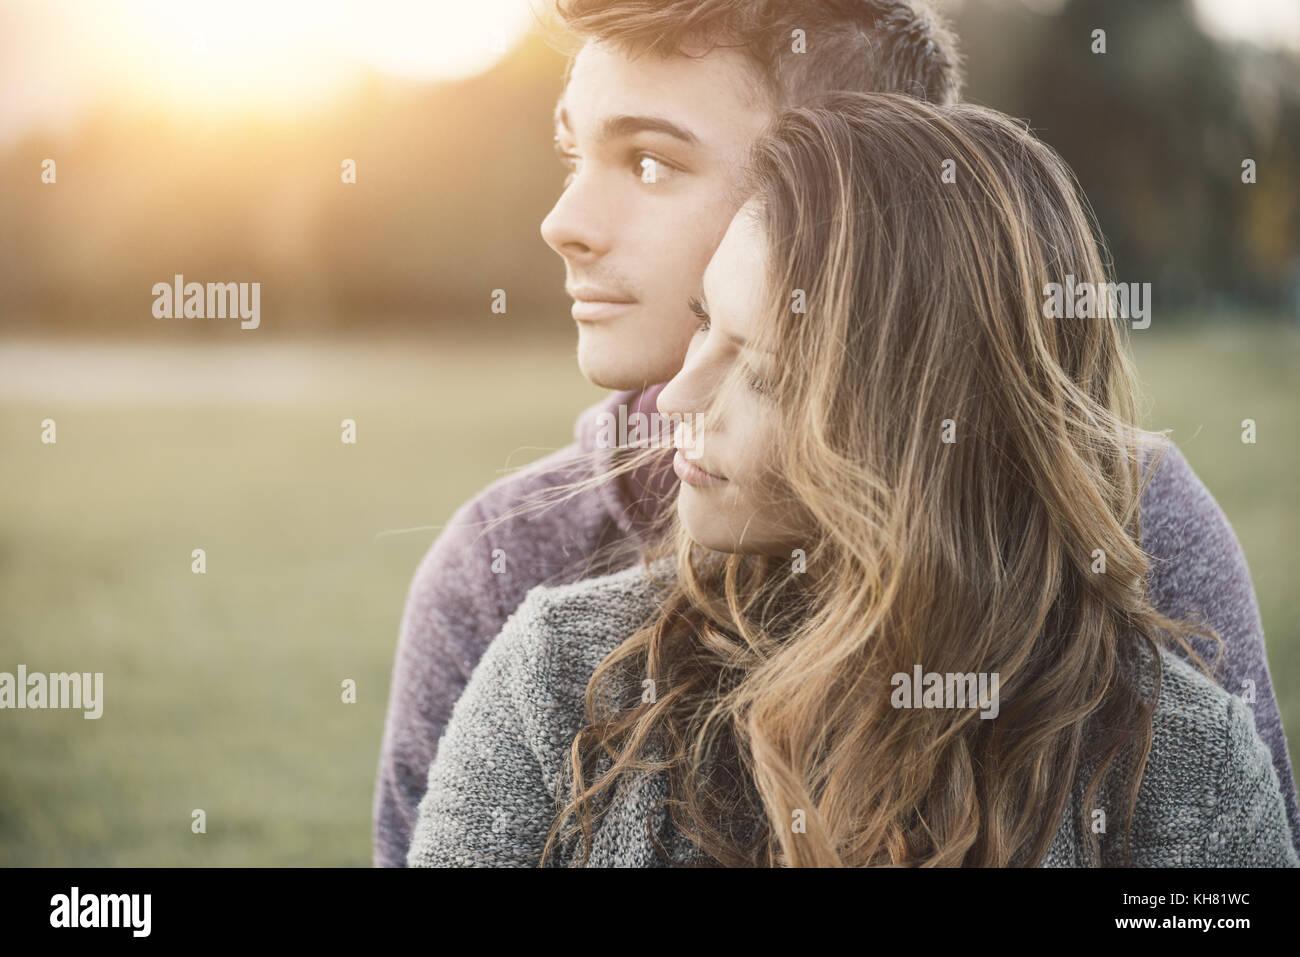 Joven pareja amorosa afuera, sentados en el césped, abrazándolo y mirar hacia el futuro, y el concepto Imagen De Stock